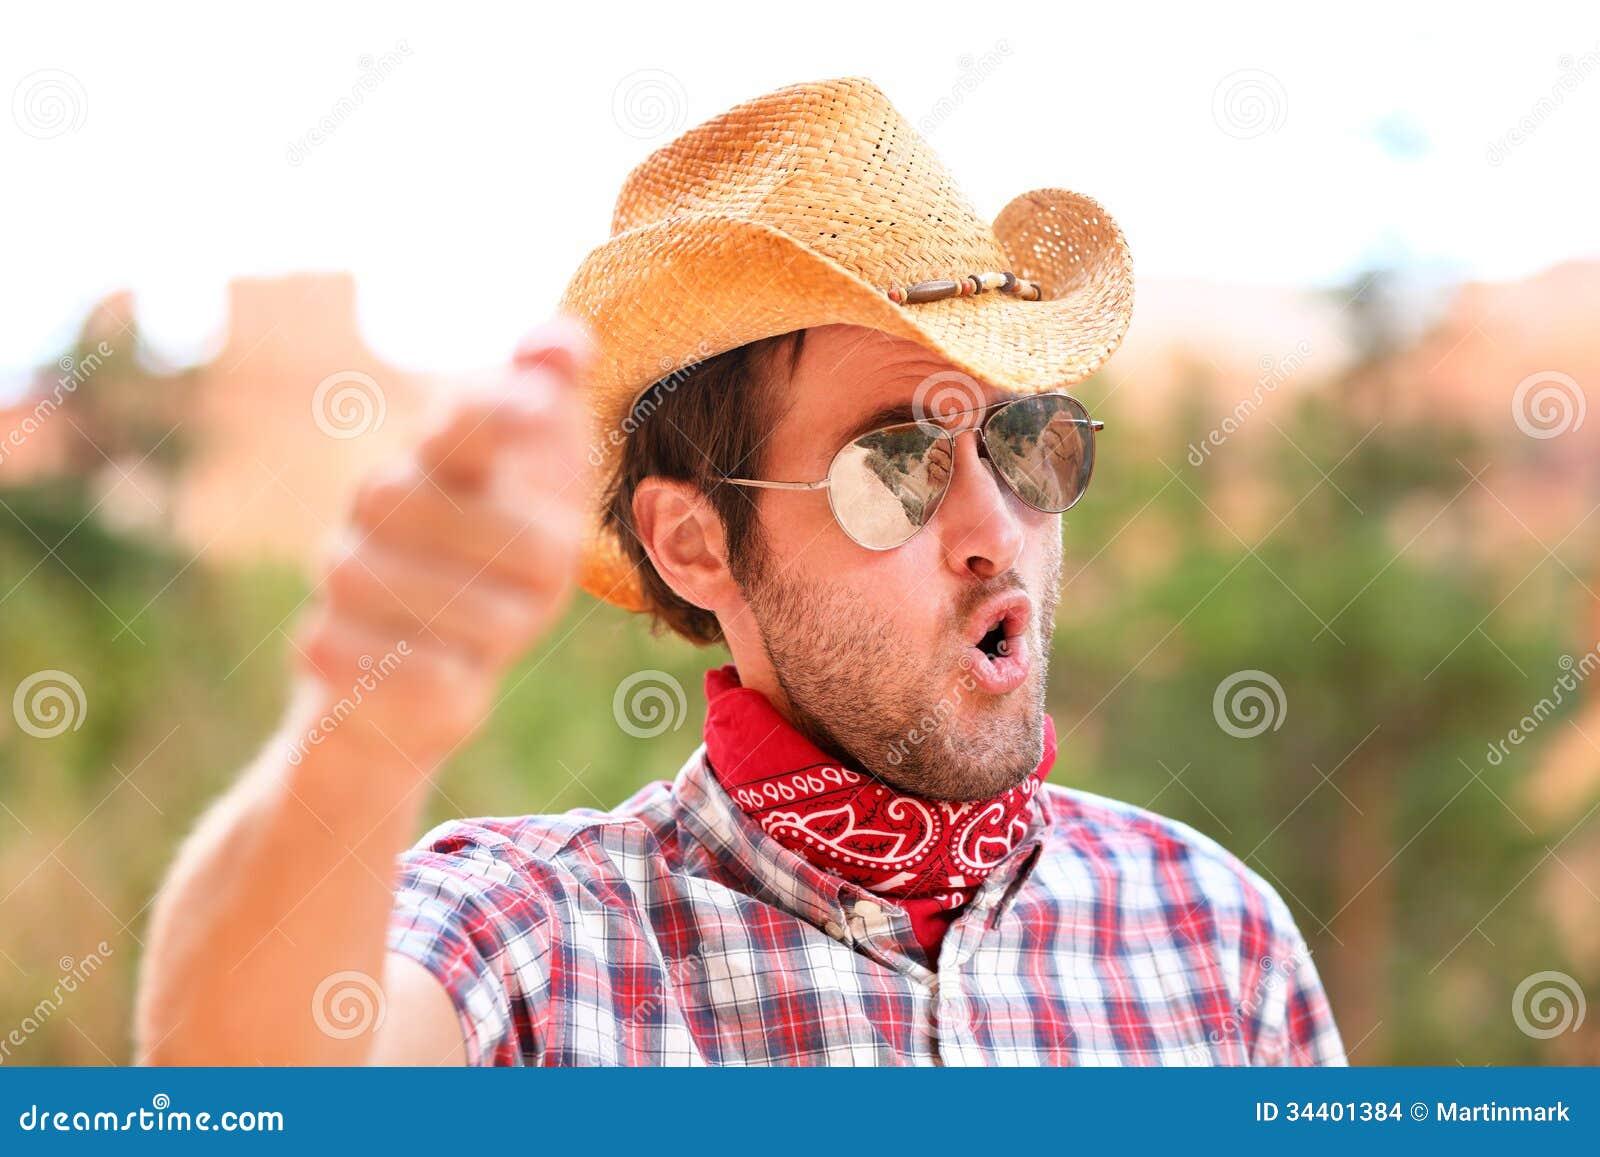 Del Sol Las Hombre Sombrero Y Señalar Con Gafas De Foto Vaquero sQrdth